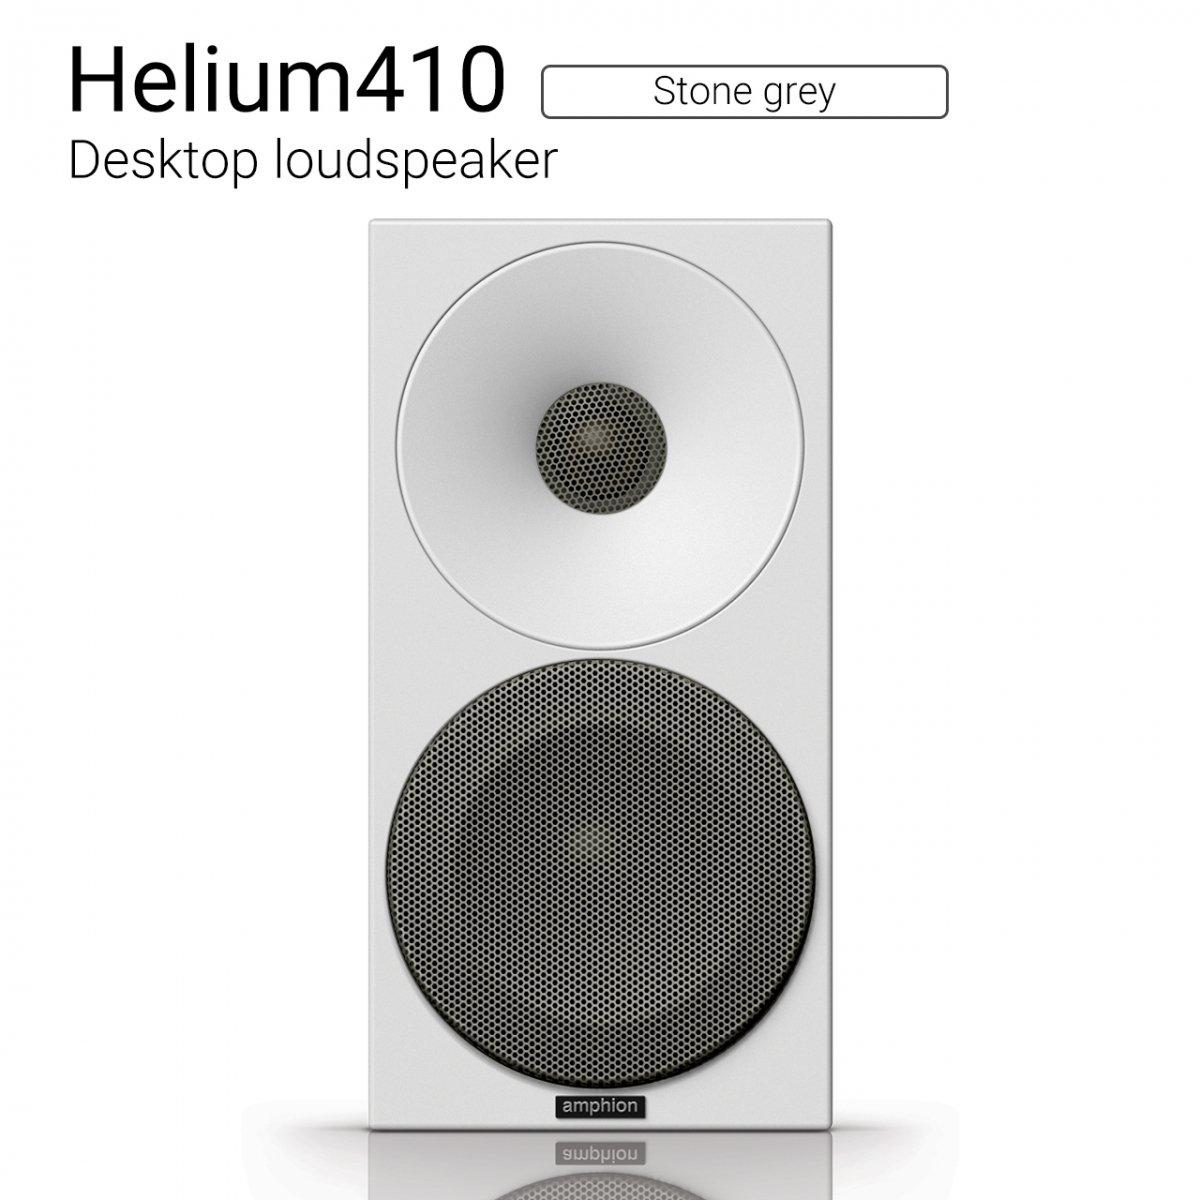 【クーポンでお得!】Helium410 (Stone grey) Desktop loudspeaker【ペア】